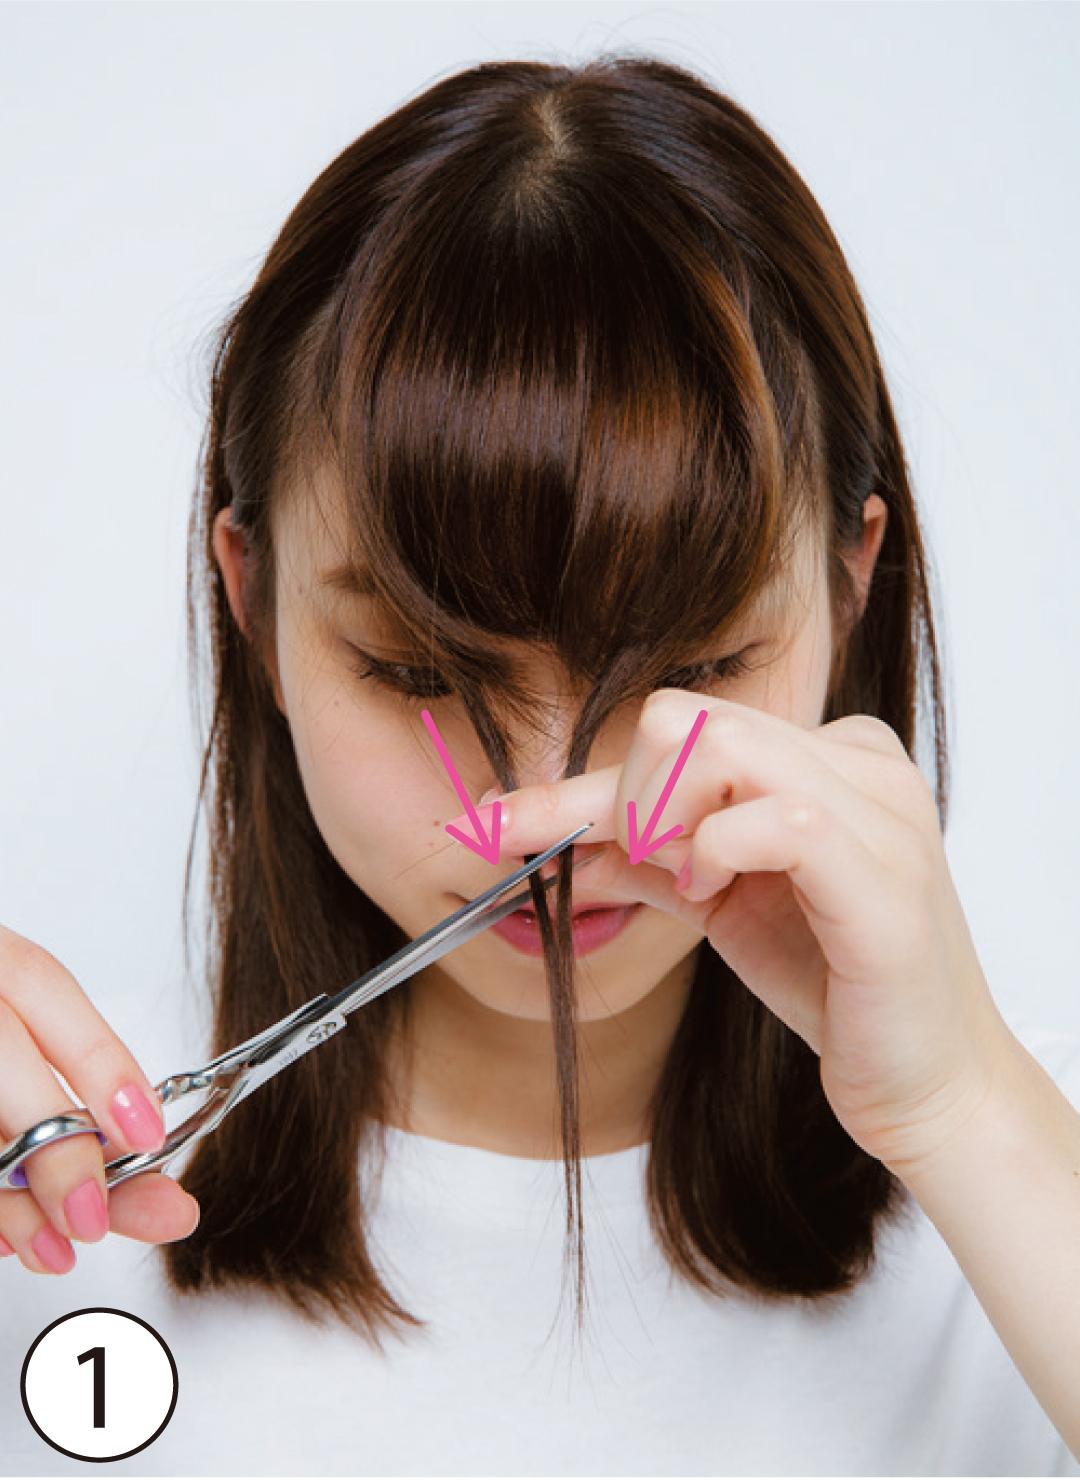 顔型別・前髪セルフカットで小顔! 切り方&スタイリング術も伝授♪_1_4-1